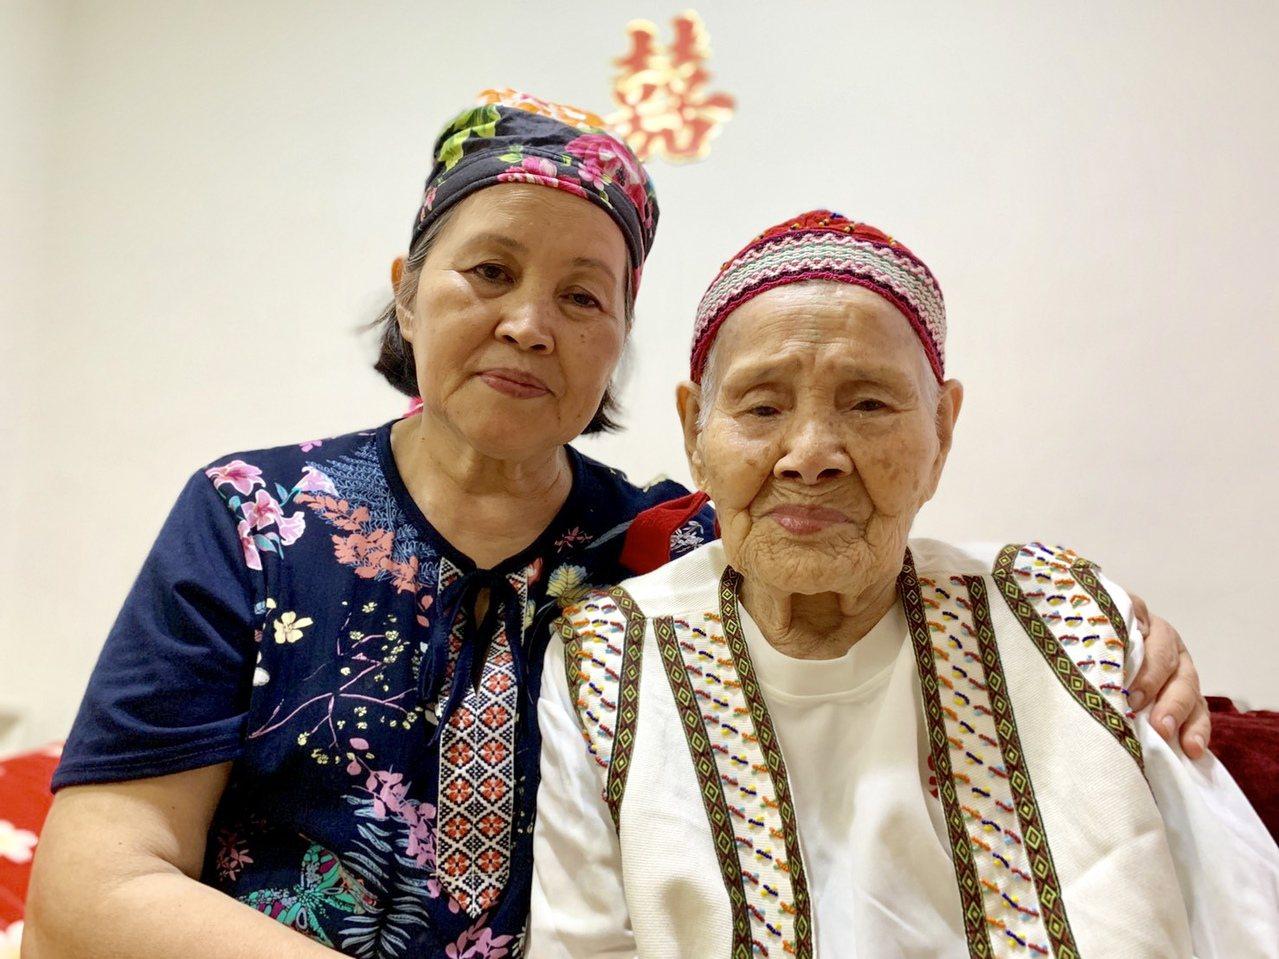 現年98歲的賽德克族人林智妹(右),實際上已經破百歲,目前和女兒林朝花(左)居住...